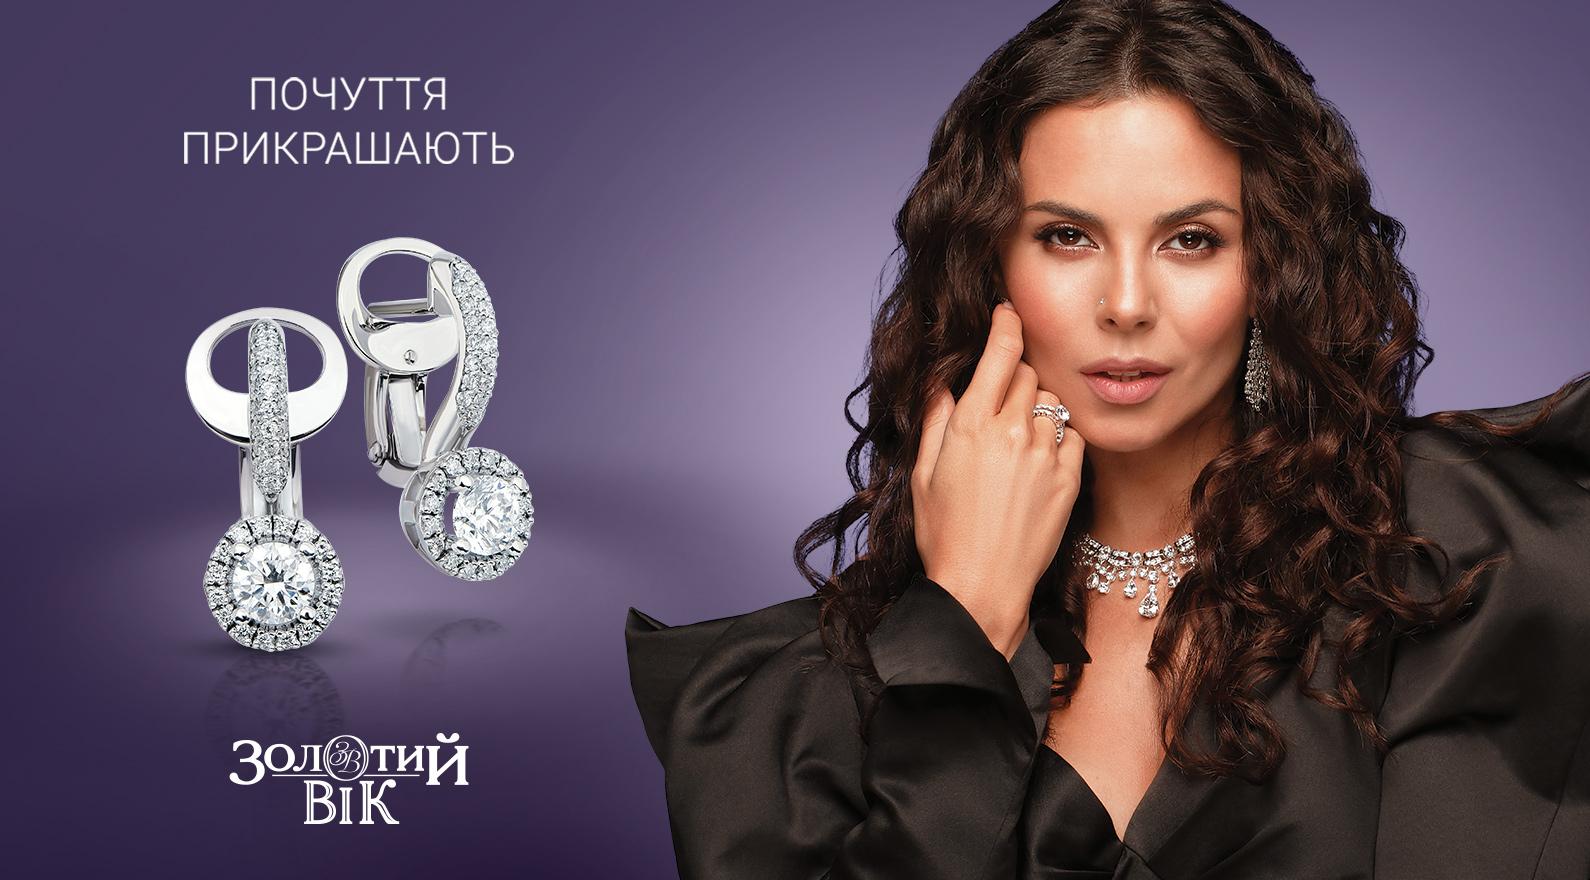 Золотий Вік, №6 - kiev.karavan.com.ua